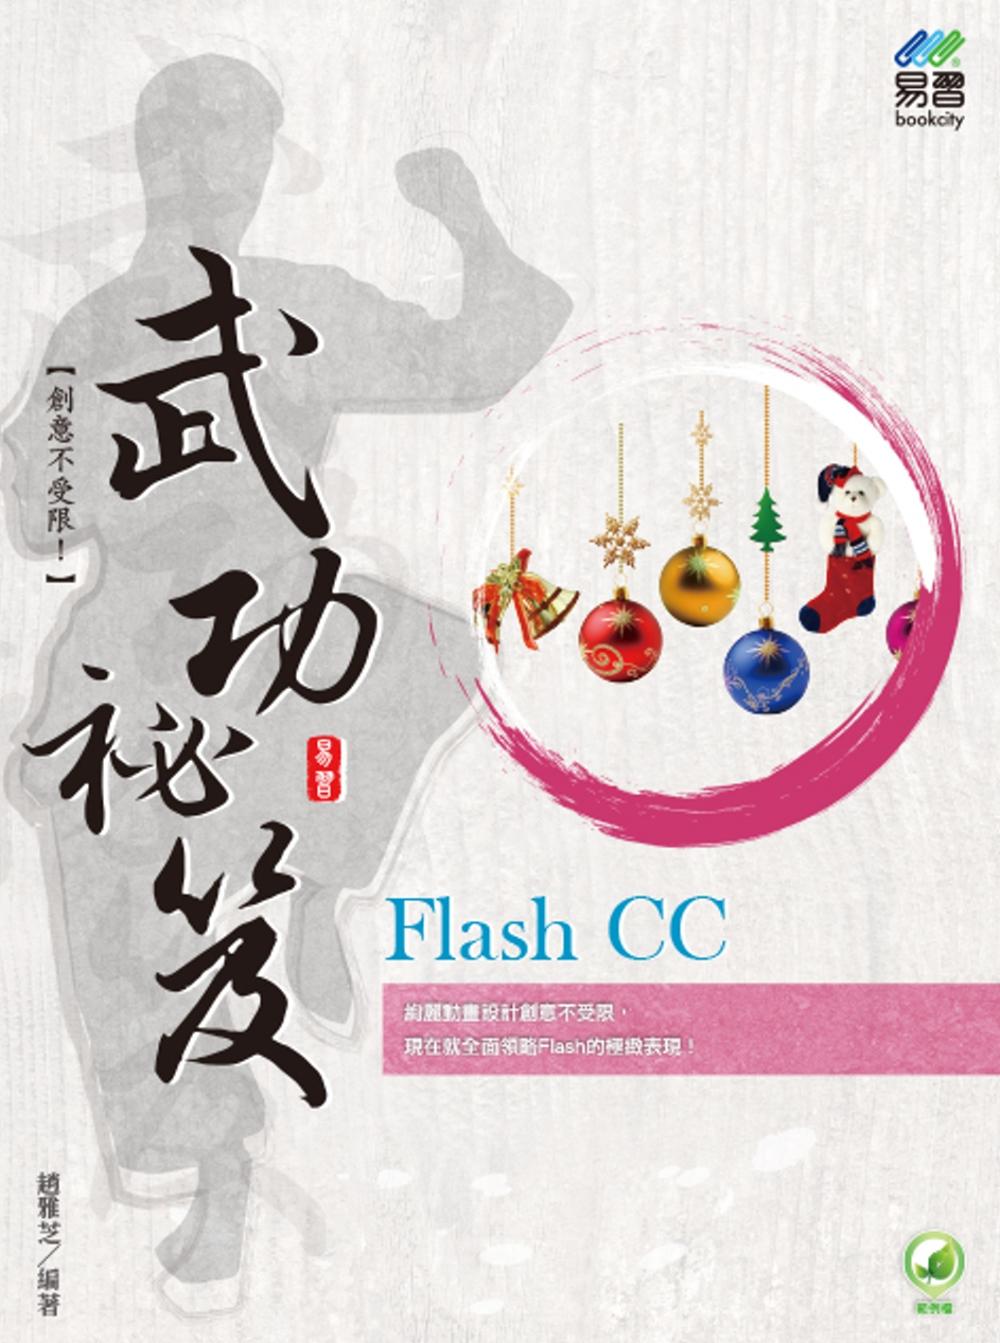 Flash CC 武功祕笈